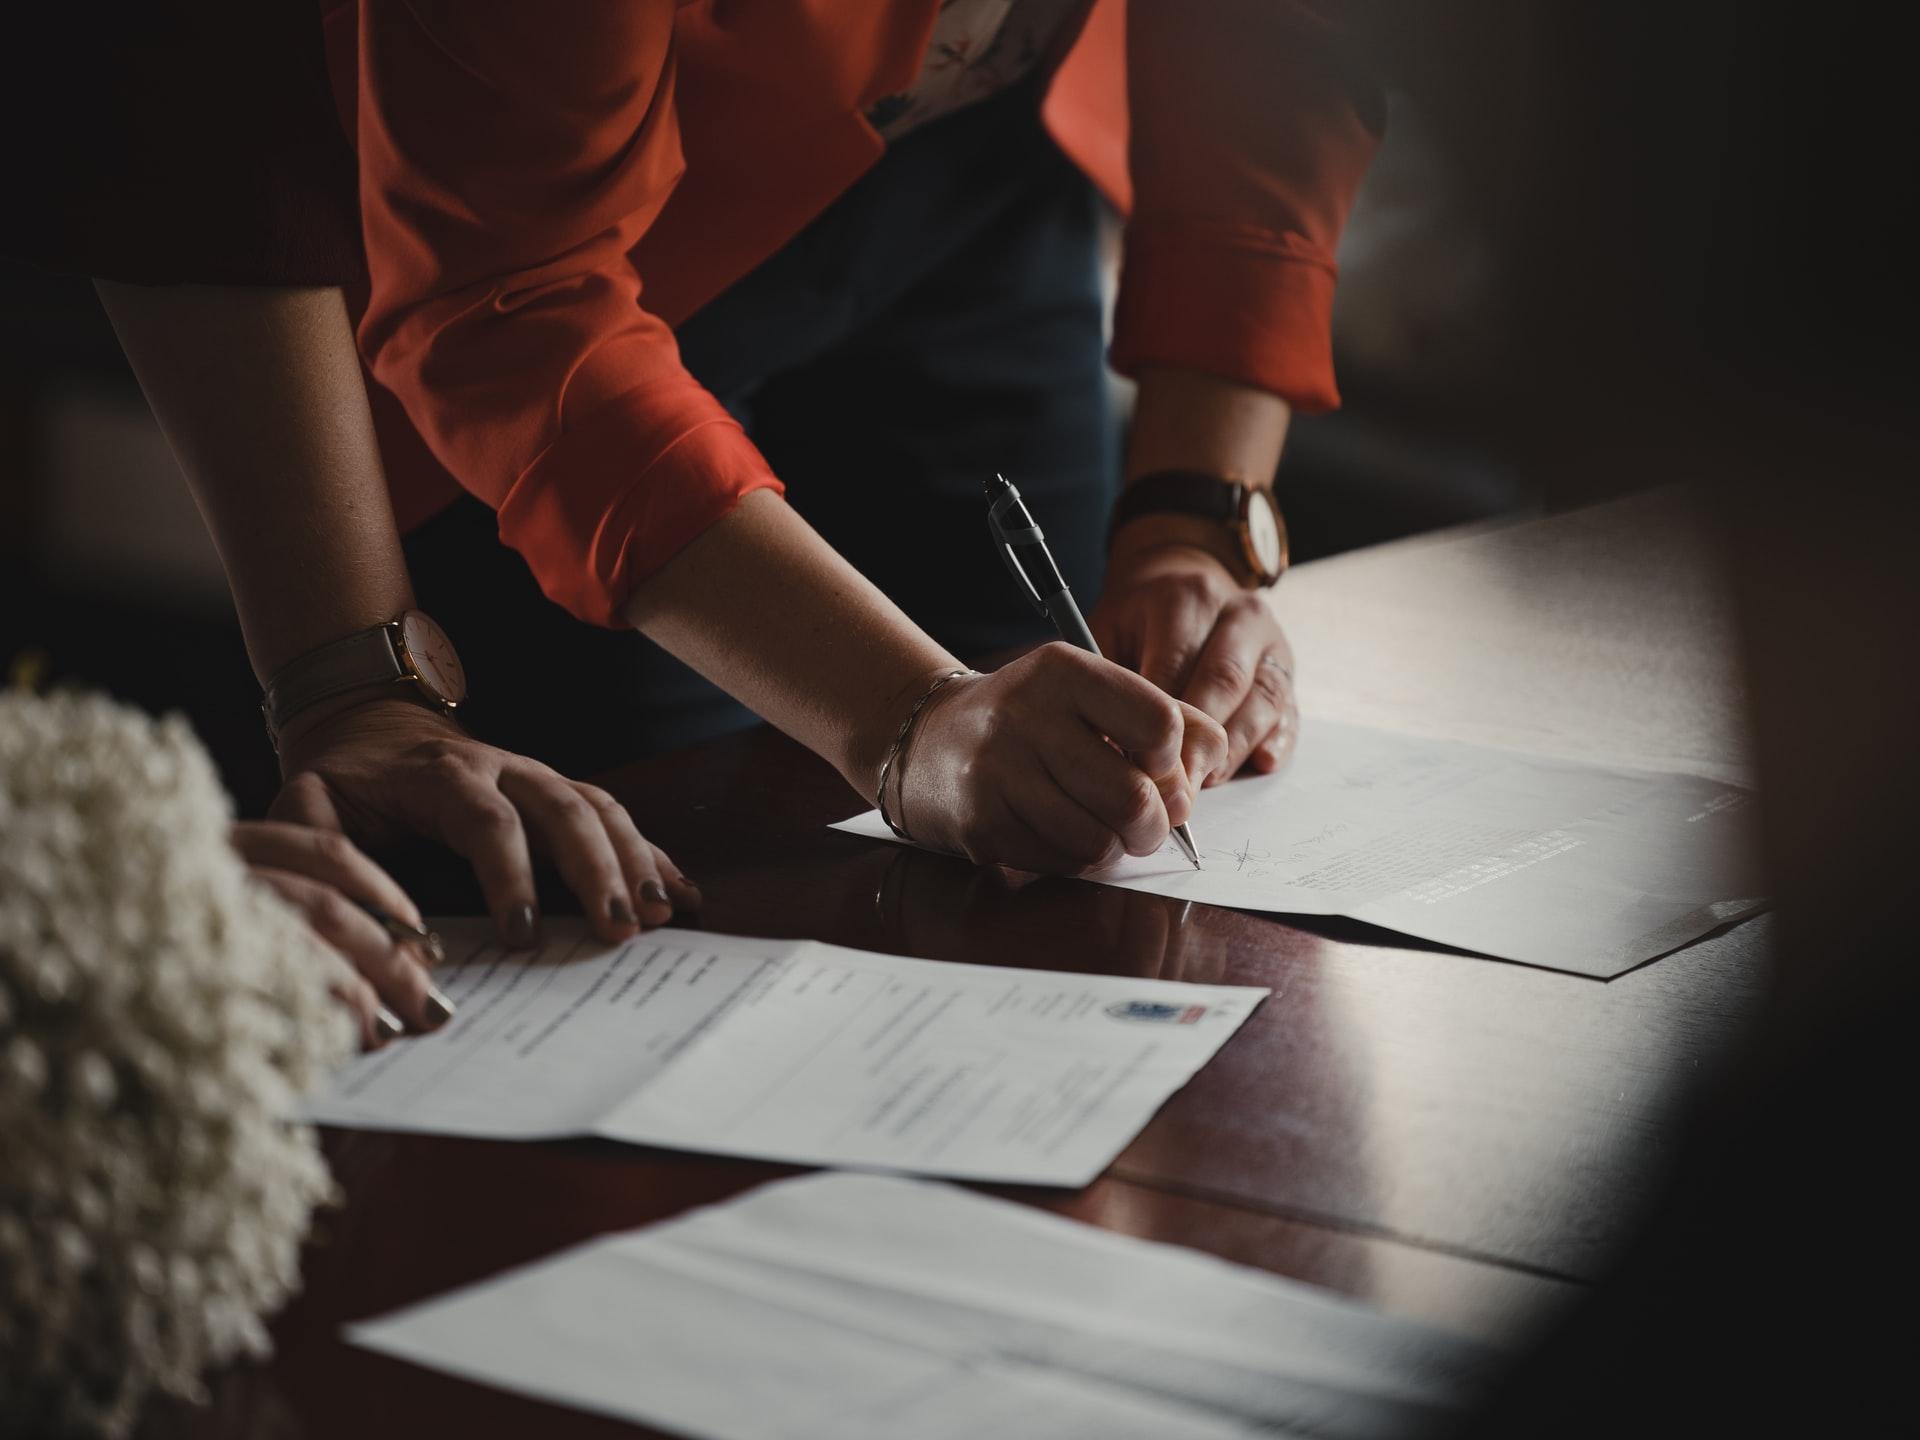 Contratos assinados após a conclusão das vendas.